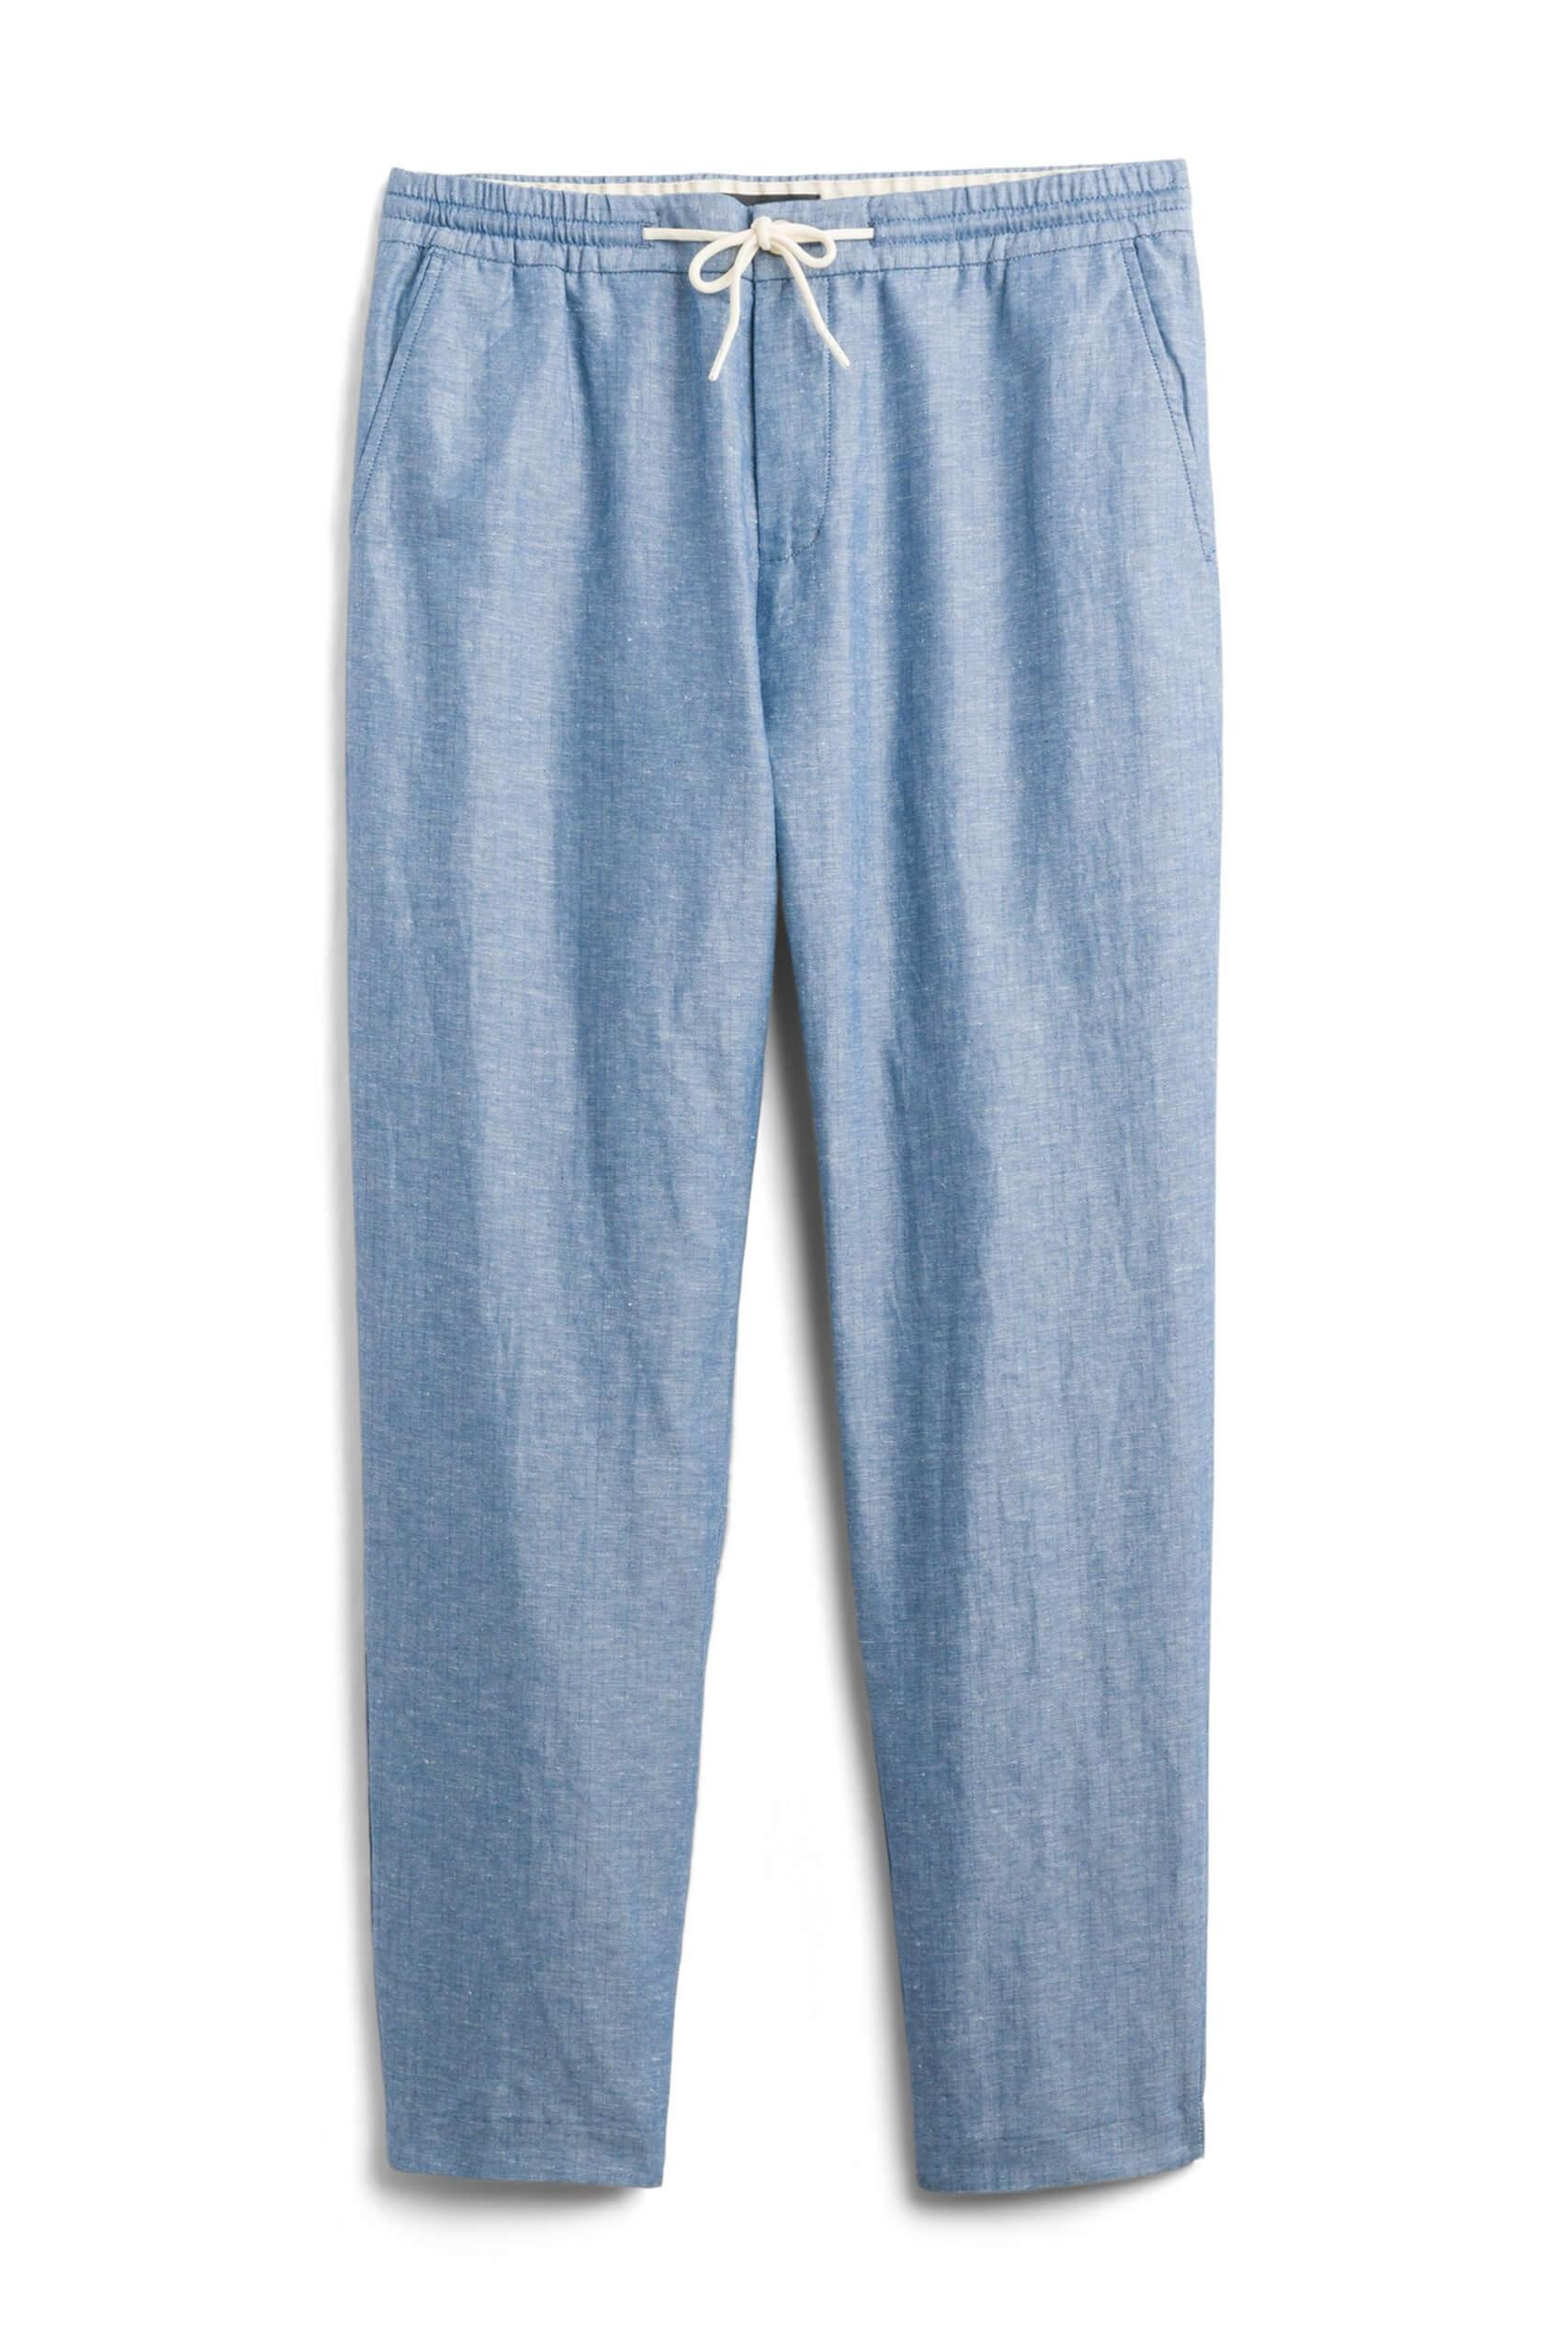 Stitch Fix Men's blue linen pants.